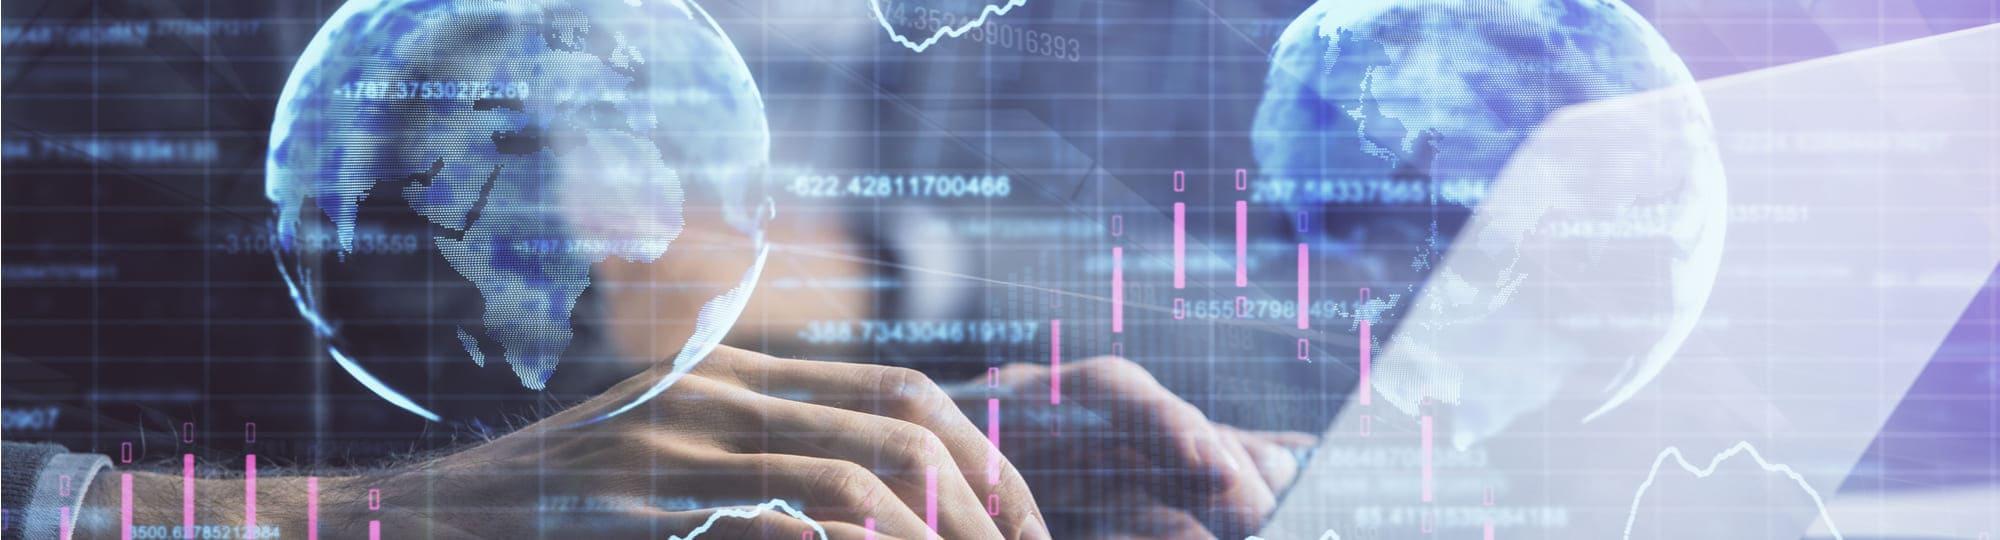 Intelligent Enterprise in Finance